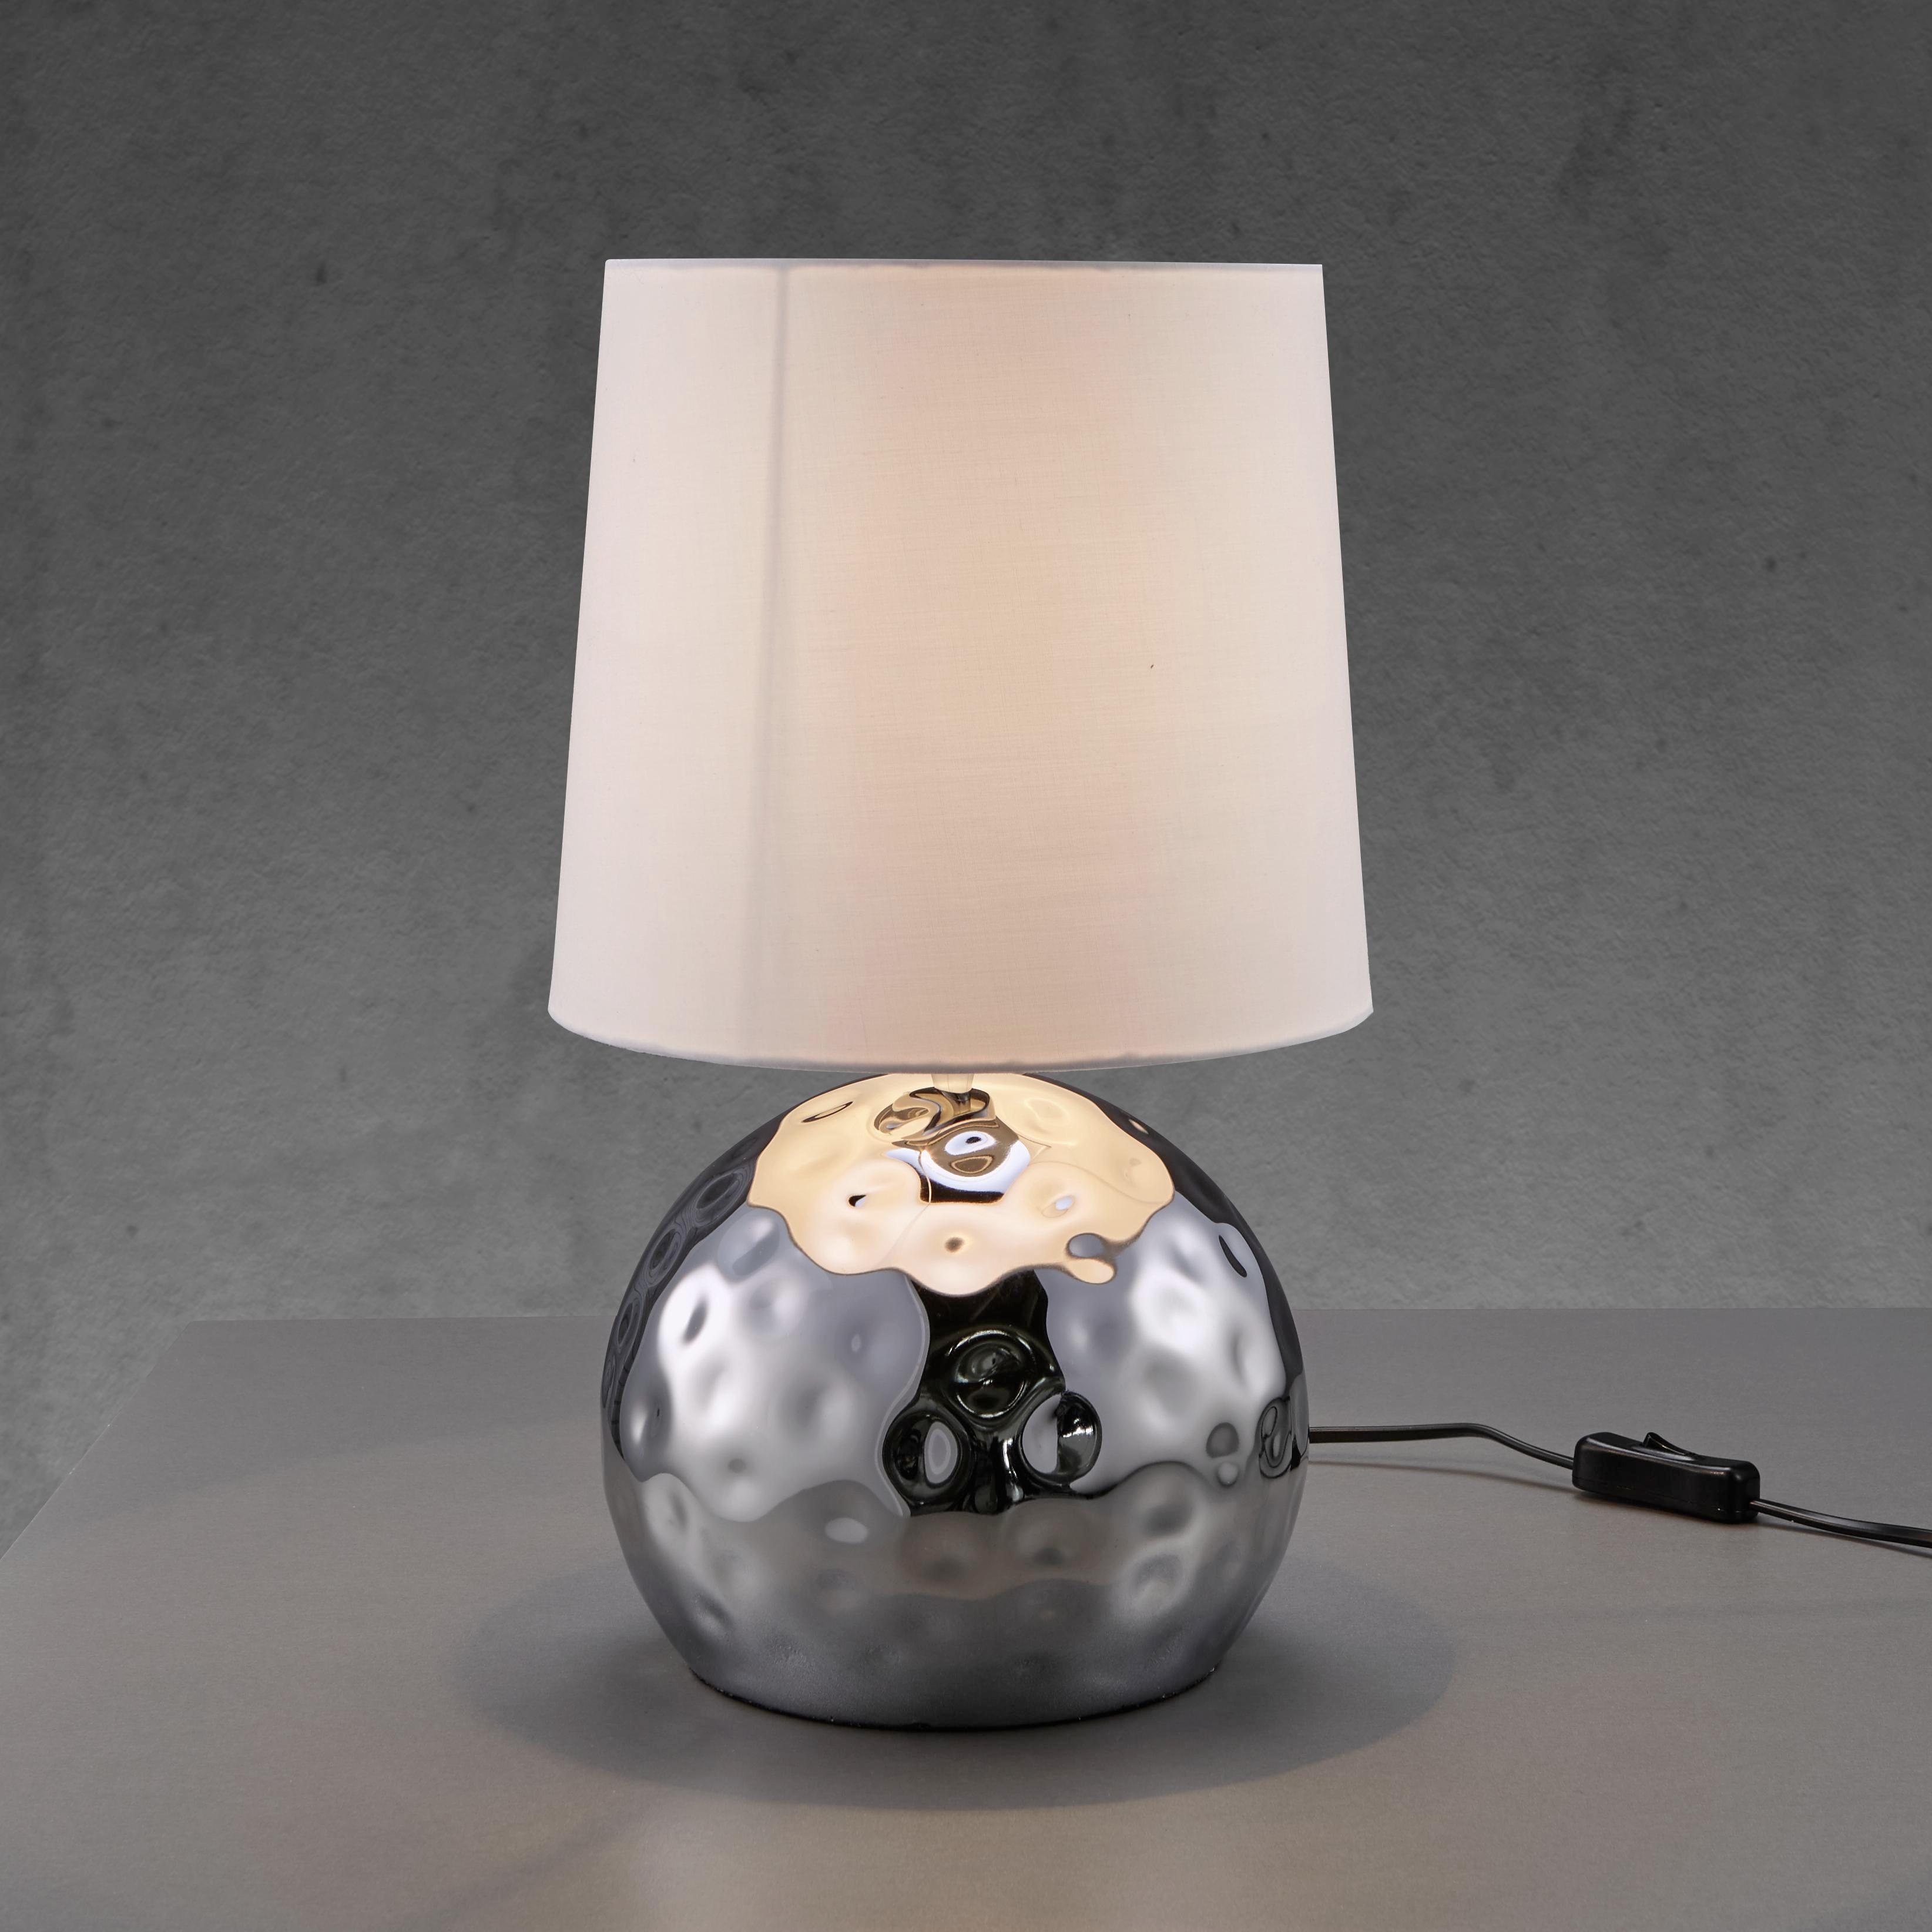 Tischleuchte Cecilia - Chromfarben/Silberfarben, MODERN, Textil/Metall (23/39cm) - MÖMAX modern living